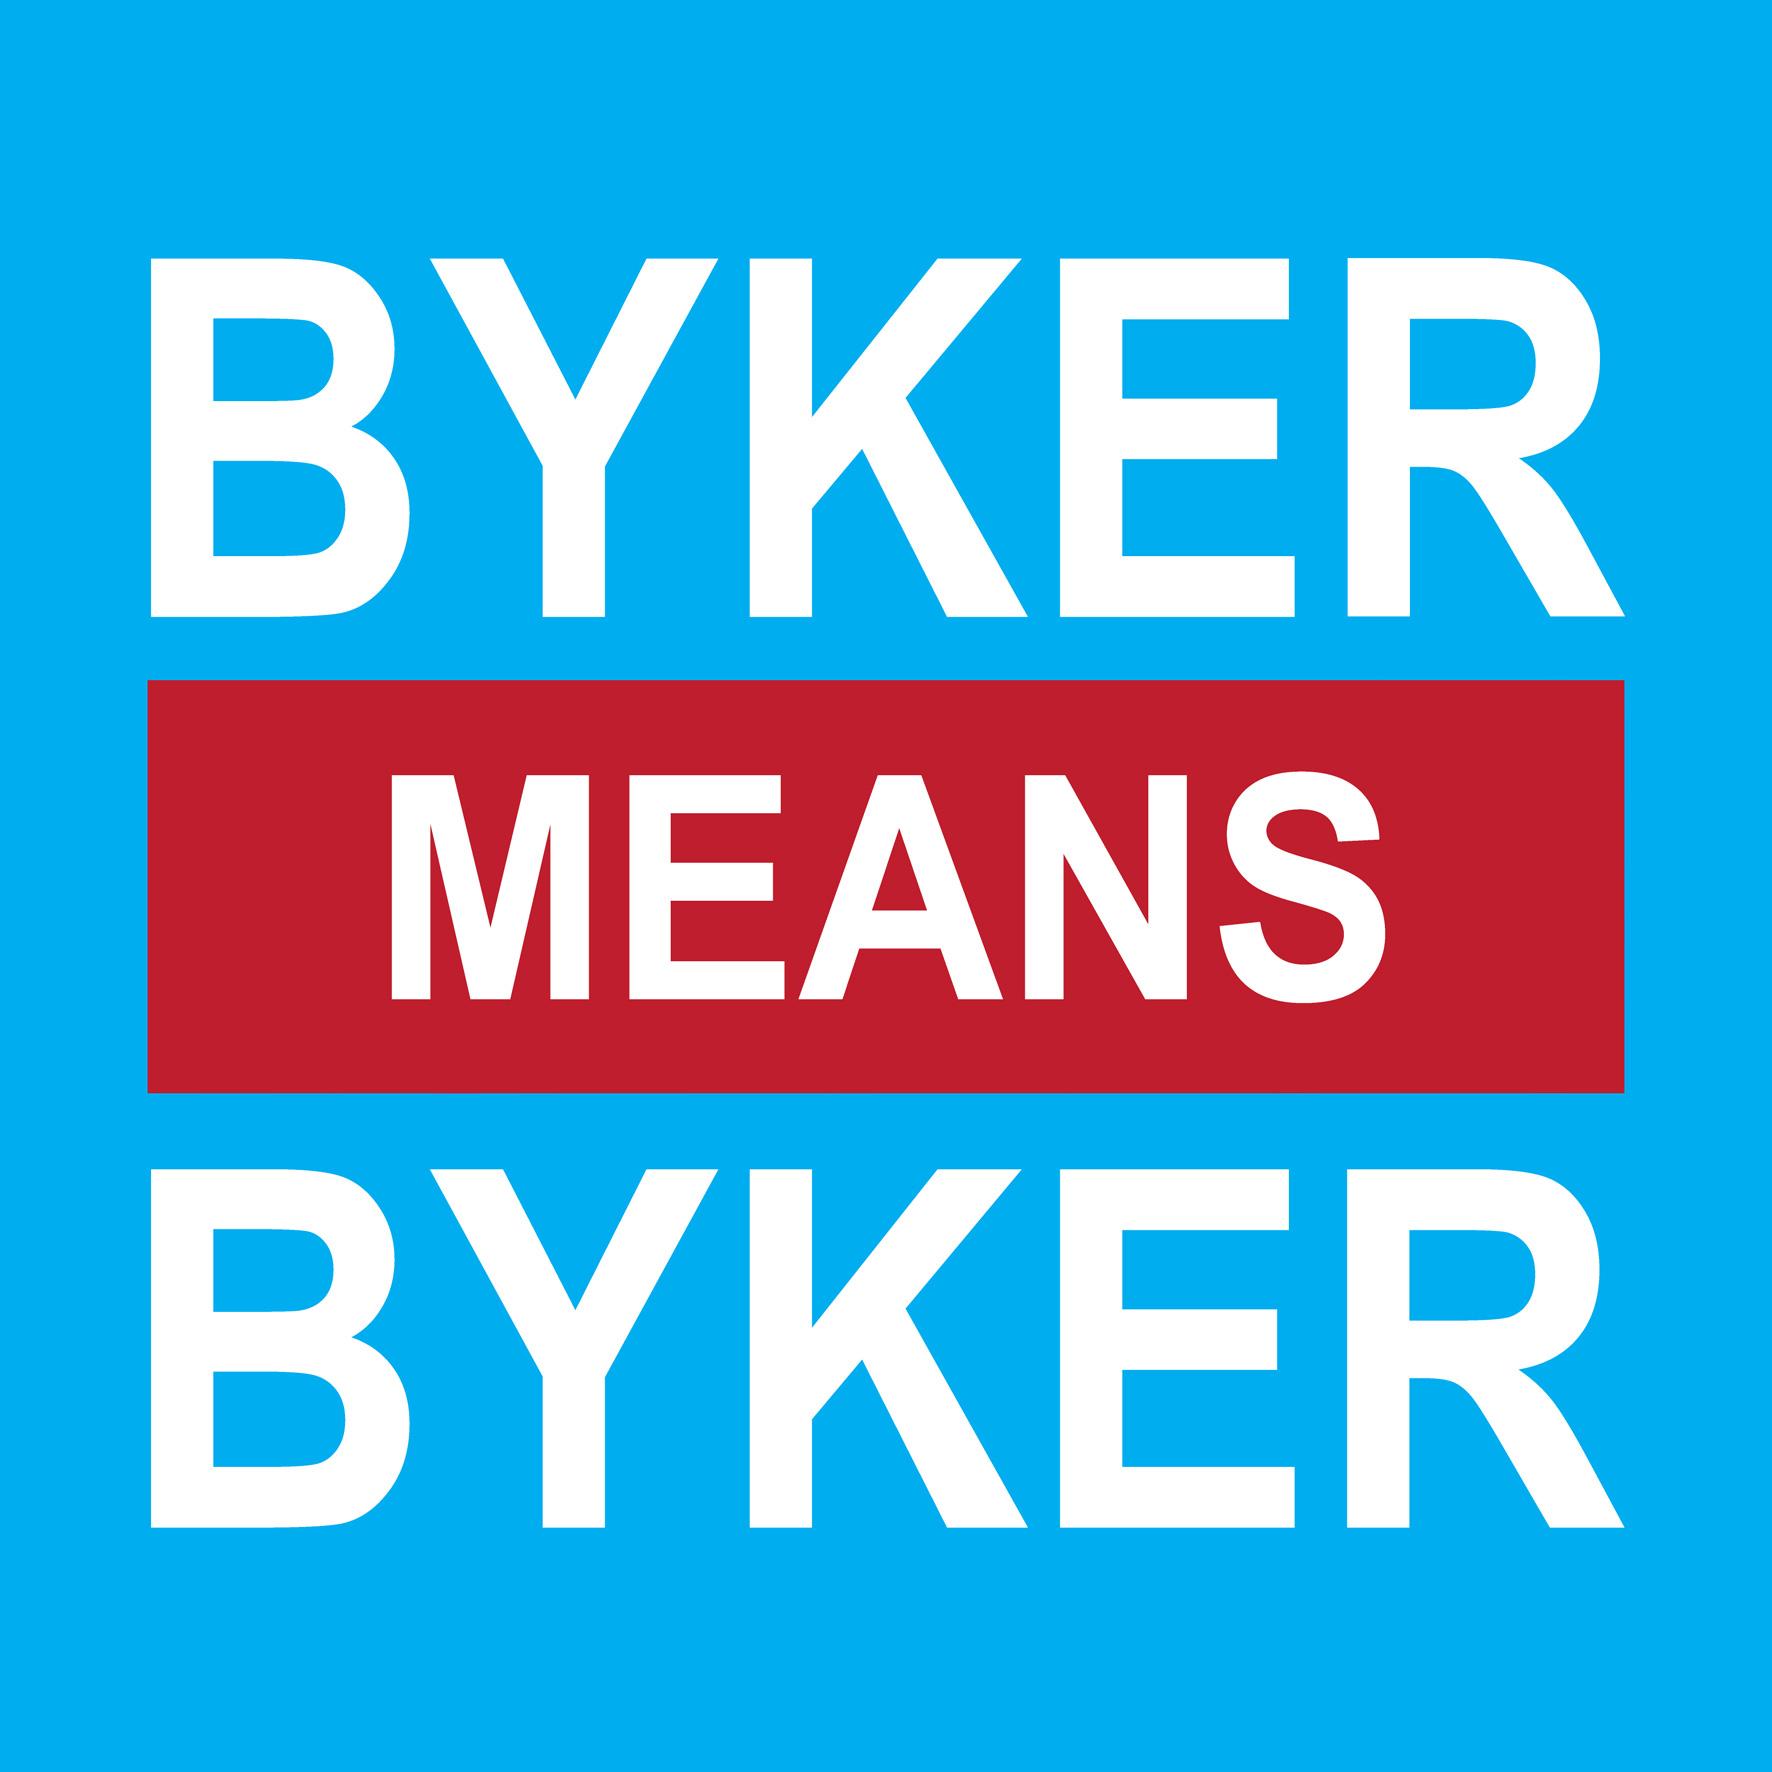 Byker-Means-Byker-clean.jpg